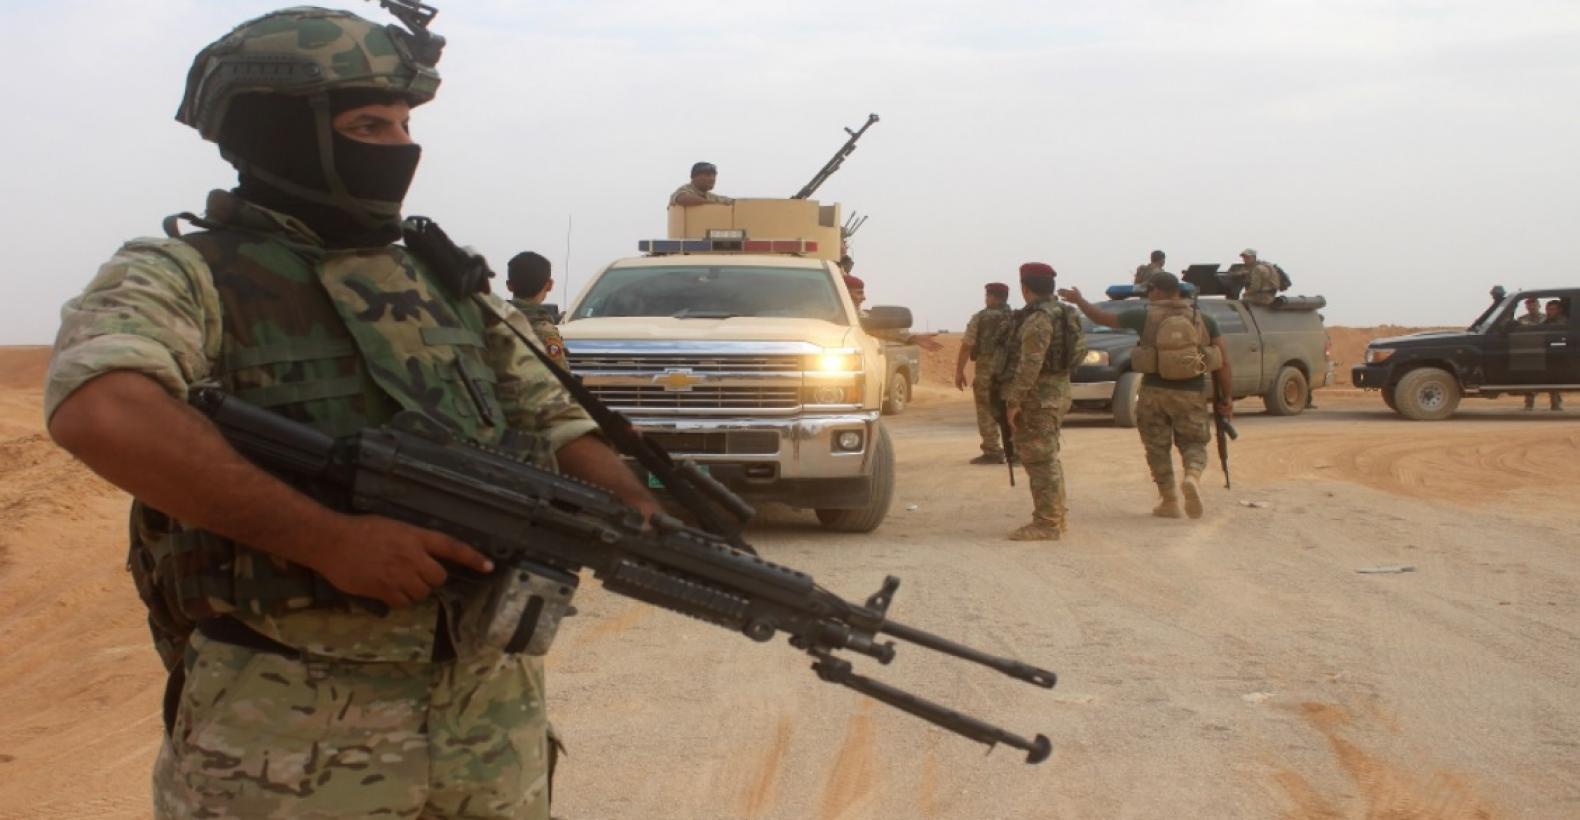 القوات العراقية تقتل 14 داعشيا بينهم انتحاريون وقيادات بعملية انزال جوي غرب الموصل